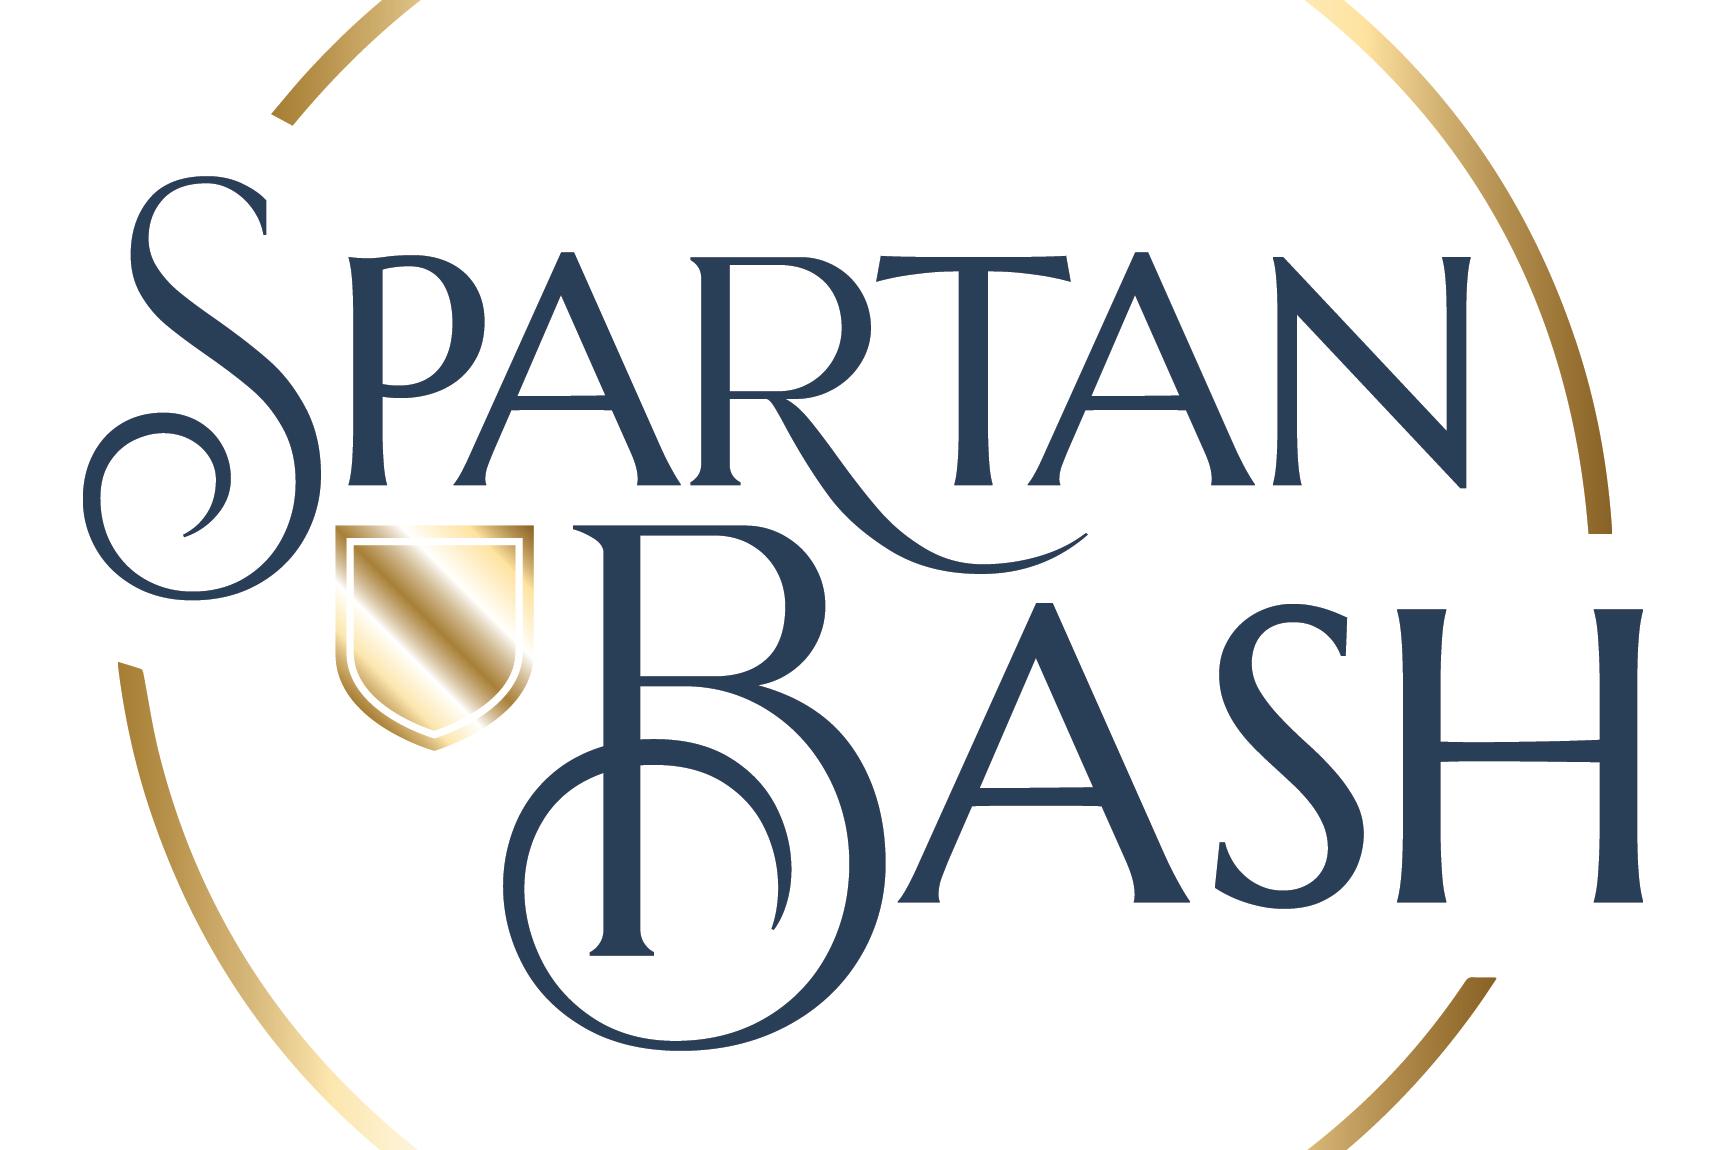 spartan bash